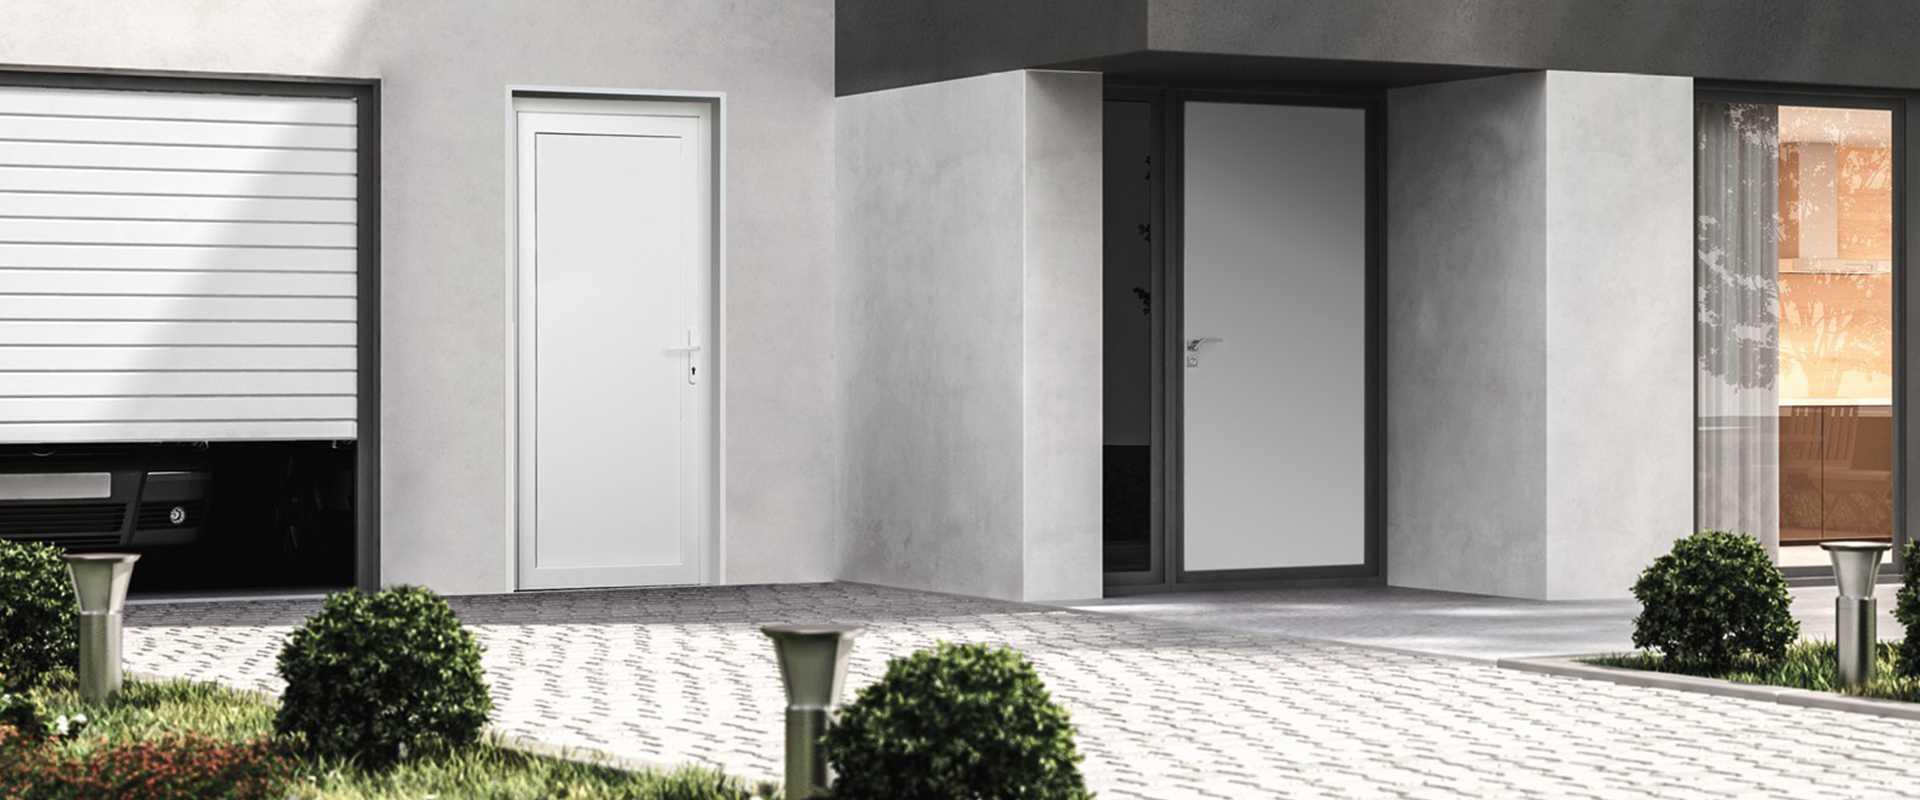 MEA - Produktanwendungen - Gebäude und Nebengebäude